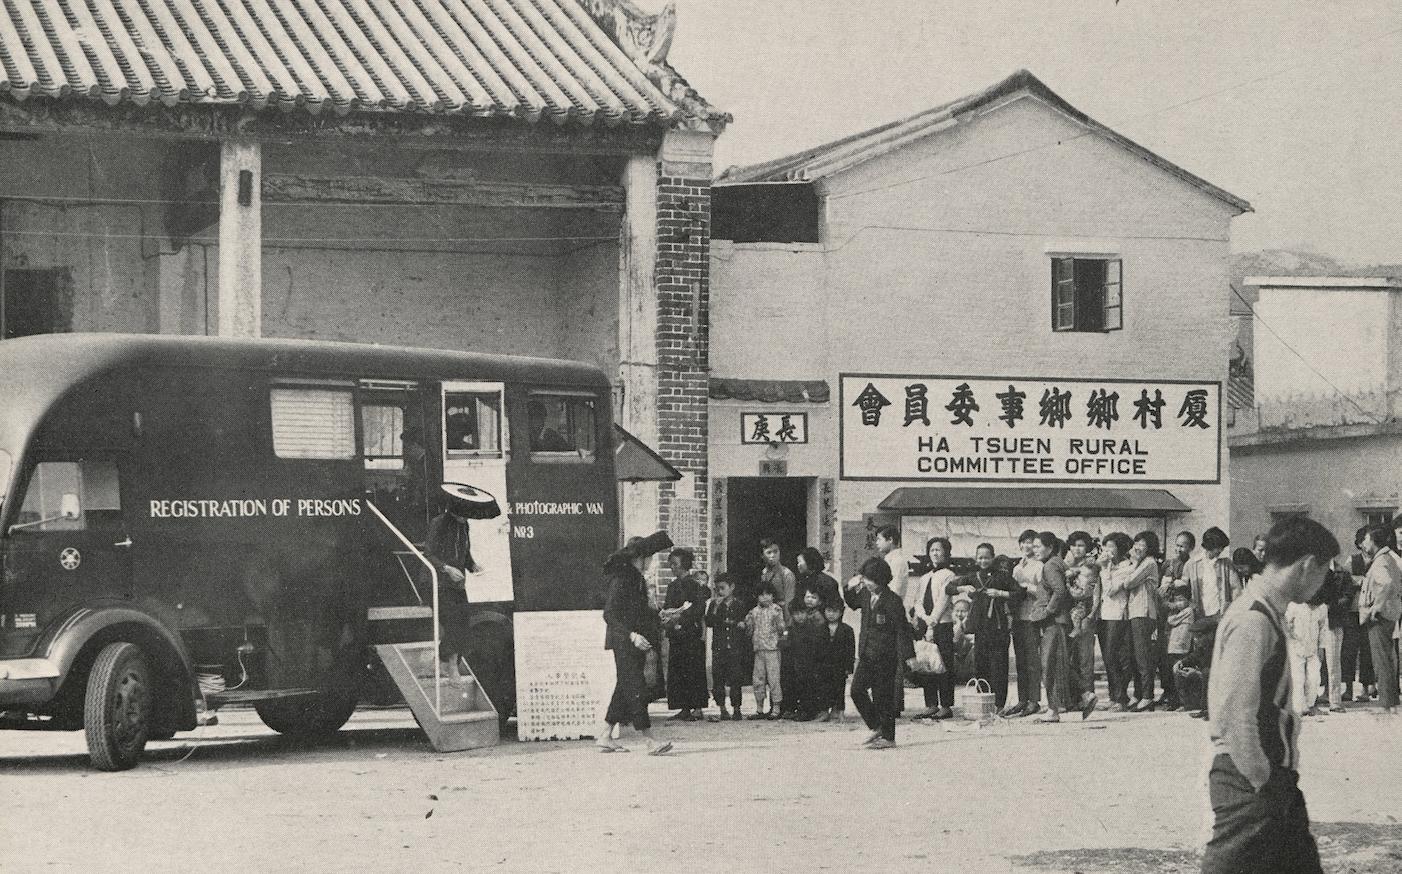 上世紀六十年代流動登記隊到元朗廈村為村民登記身份證。(政府新聞處)